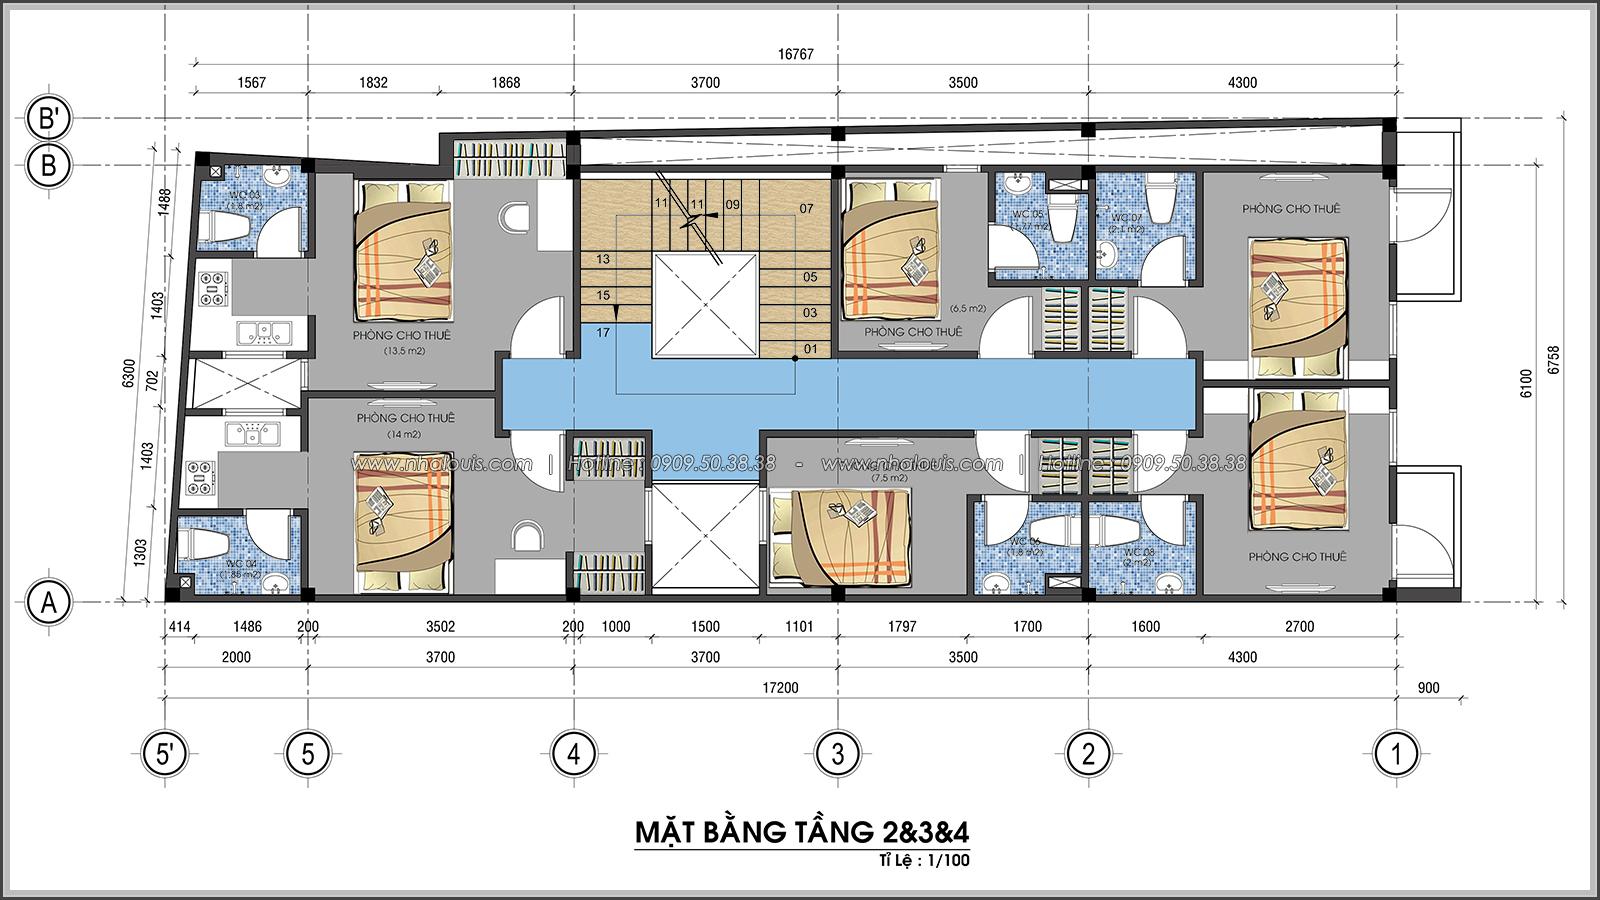 Thiết kế nhà trọ cho thuê cao cấp tiết kiệm chi phí và hiệu quả tại Tân Bình - 06